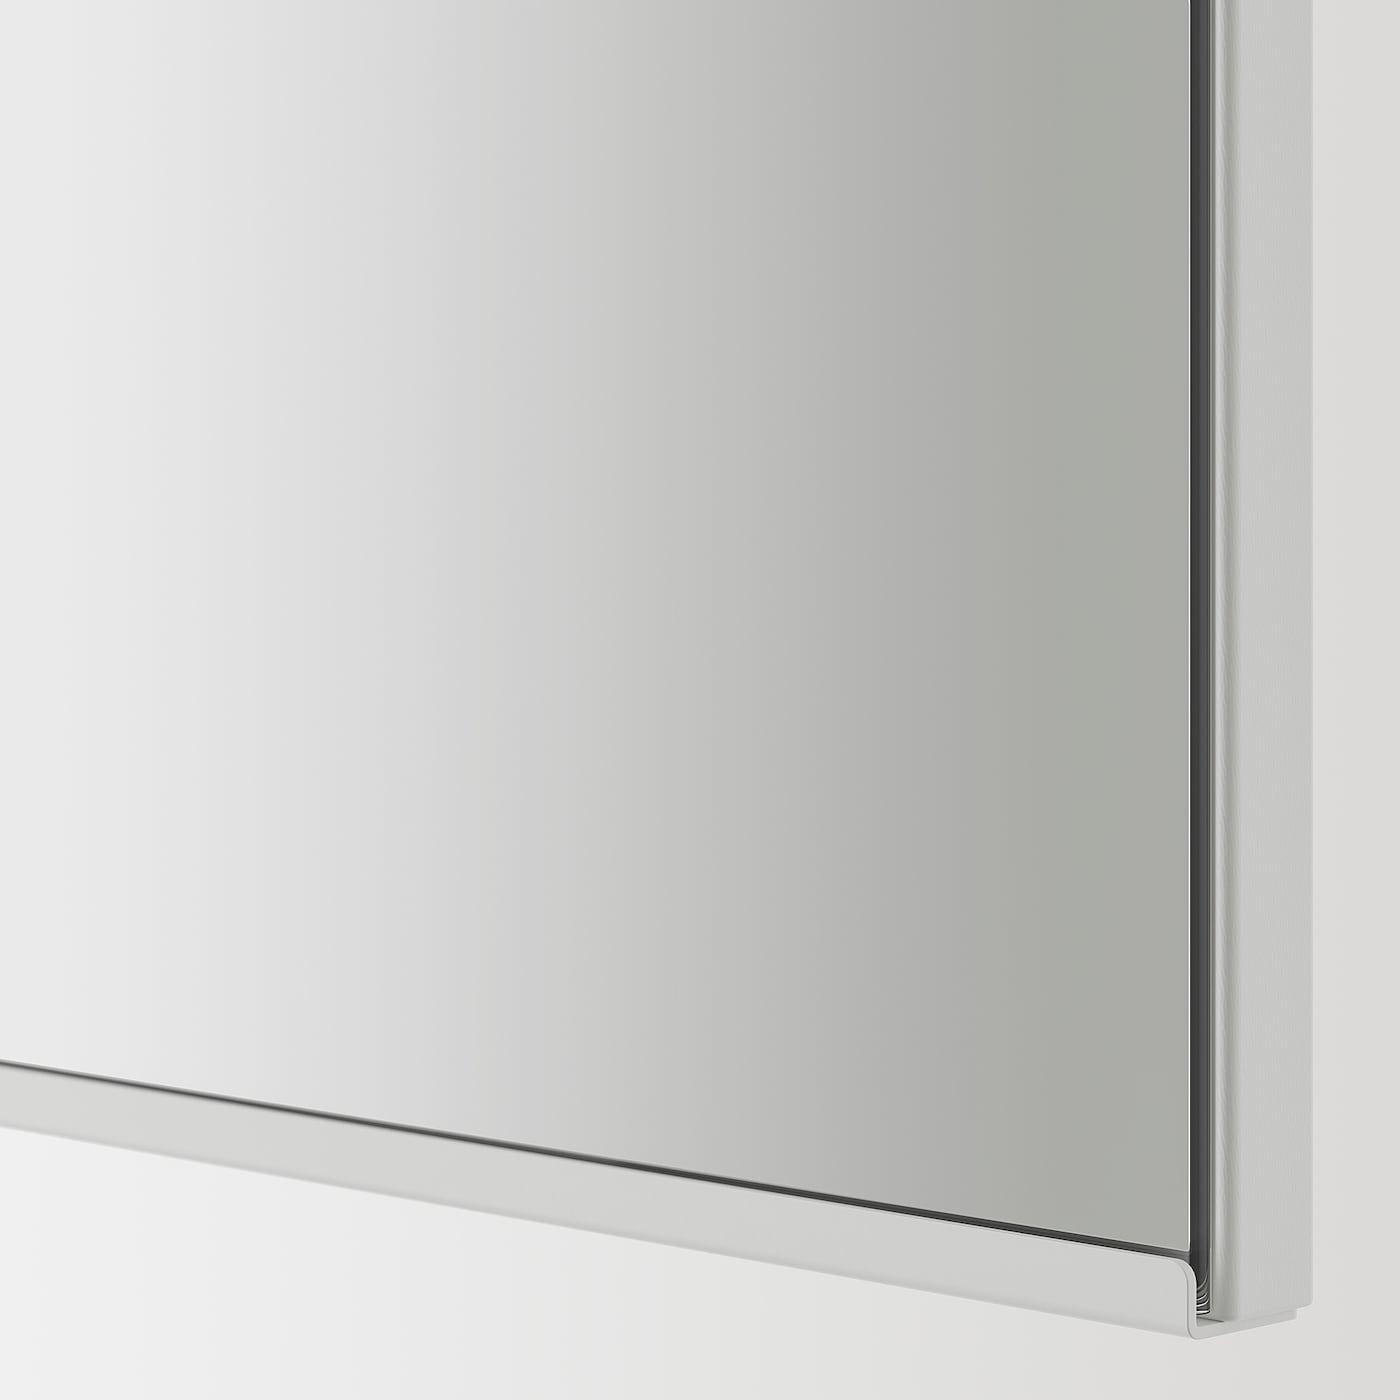 ENHET Spiegelkast met 2 deuren, wit, 60x17x75 cm